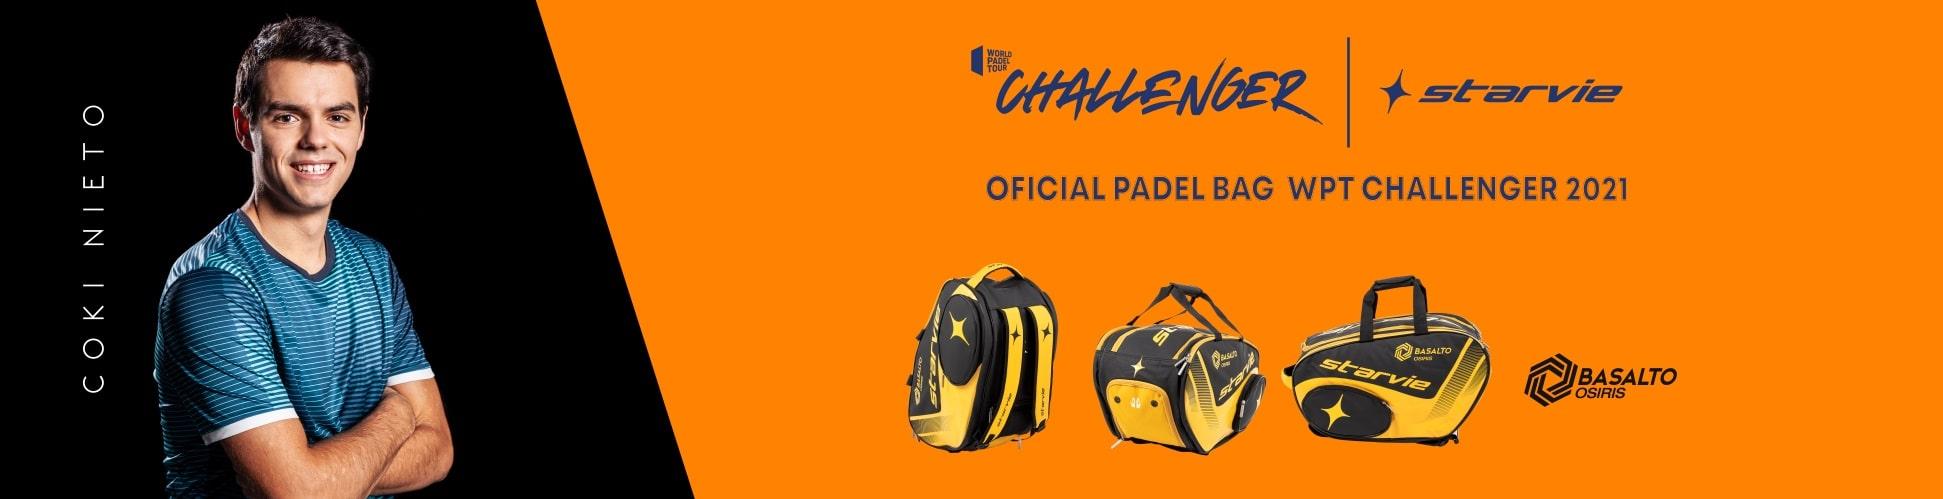 STARVIE, OFFICIAL RACKET-BAG SPONSOR OF WPT CHALLENGER 2021